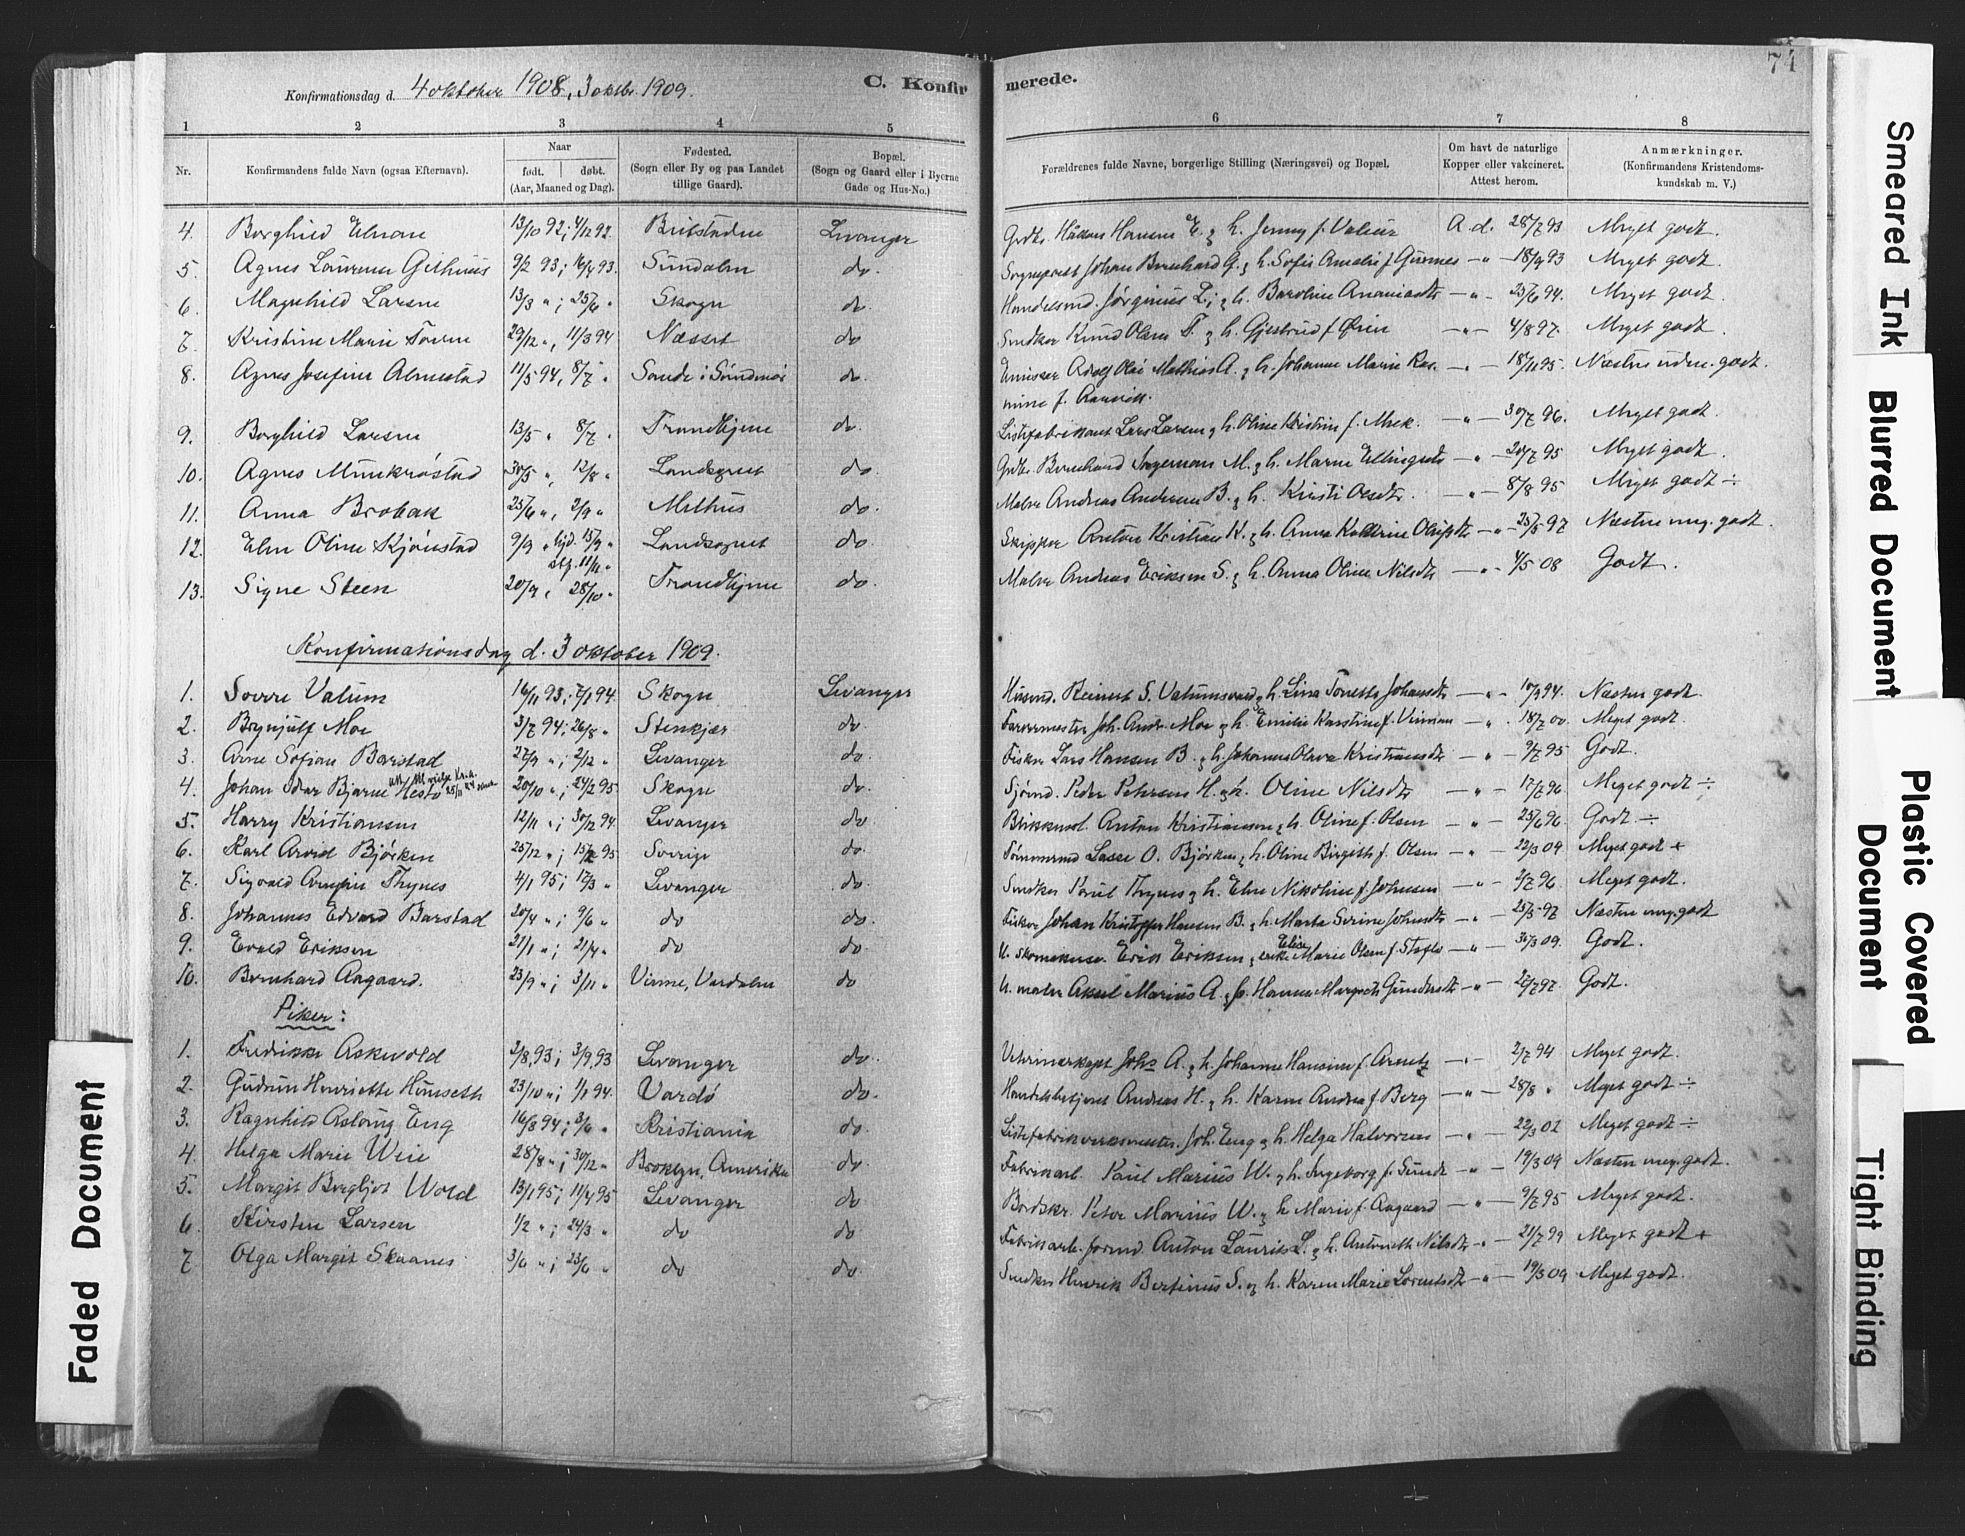 SAT, Ministerialprotokoller, klokkerbøker og fødselsregistre - Nord-Trøndelag, 720/L0189: Ministerialbok nr. 720A05, 1880-1911, s. 74